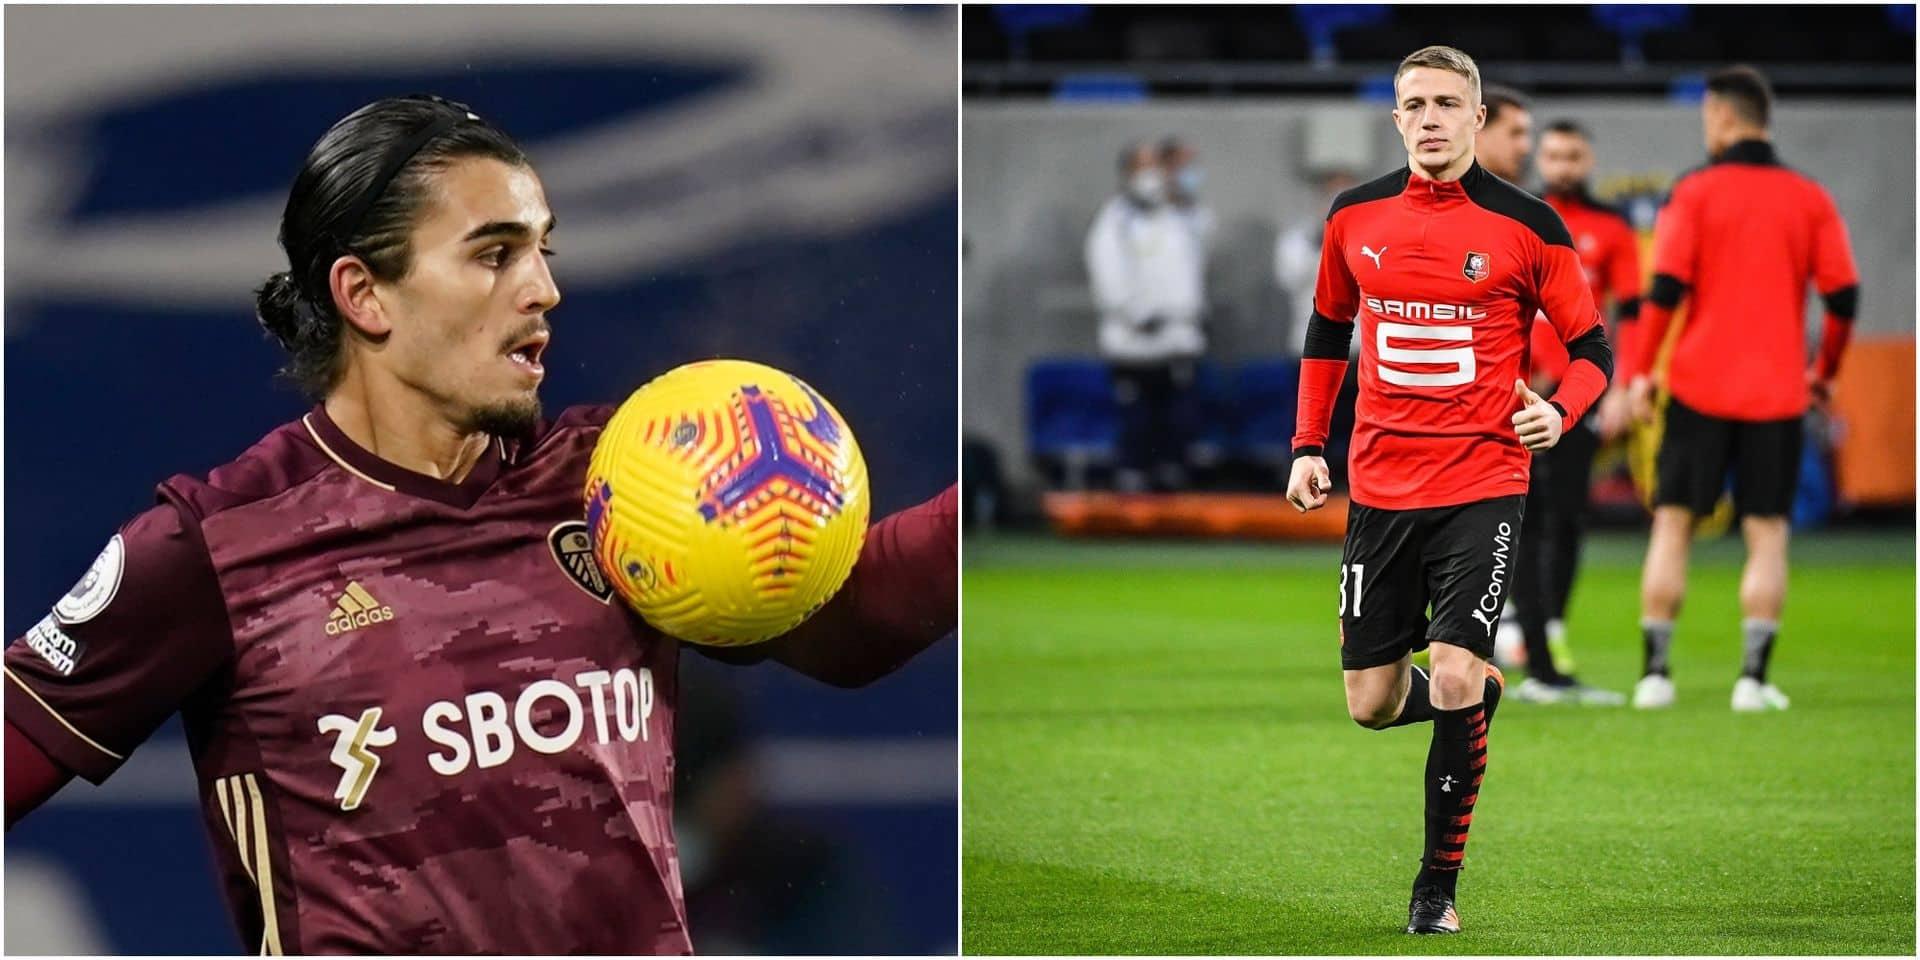 """Roberto Martinez confirme ses discussions avec des naturalisés : """"Struijk penche pour les Pays-Bas, j'ai parlé avec Truffert"""""""